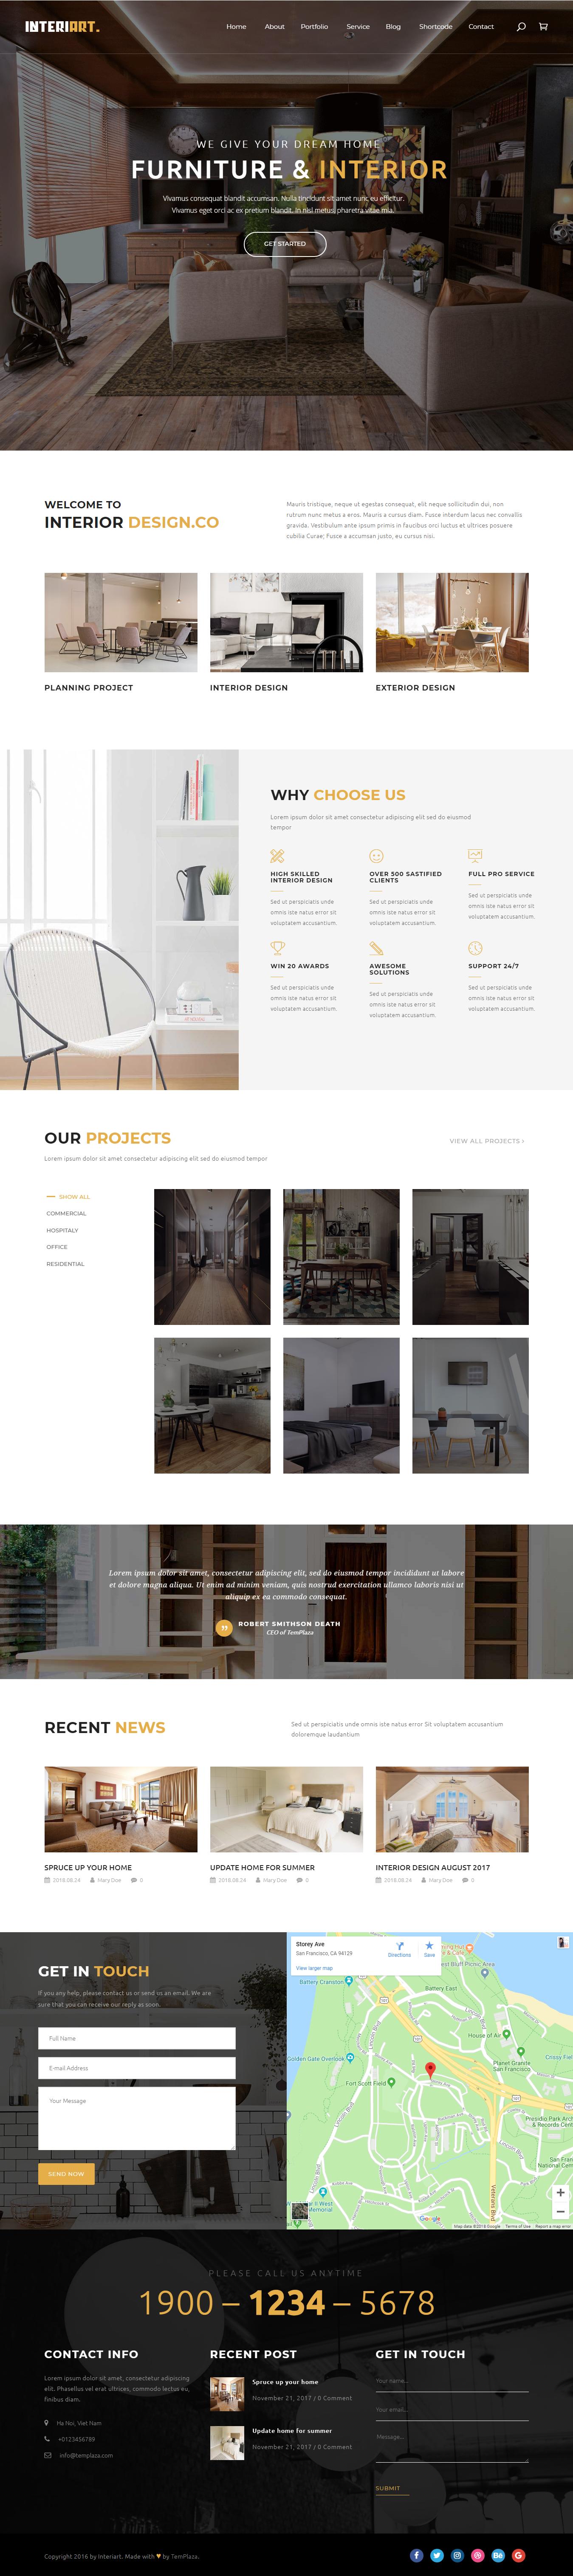 interiart best premium interior design wordpress theme - 10+ Best Premium Interior Design WordPress Themes